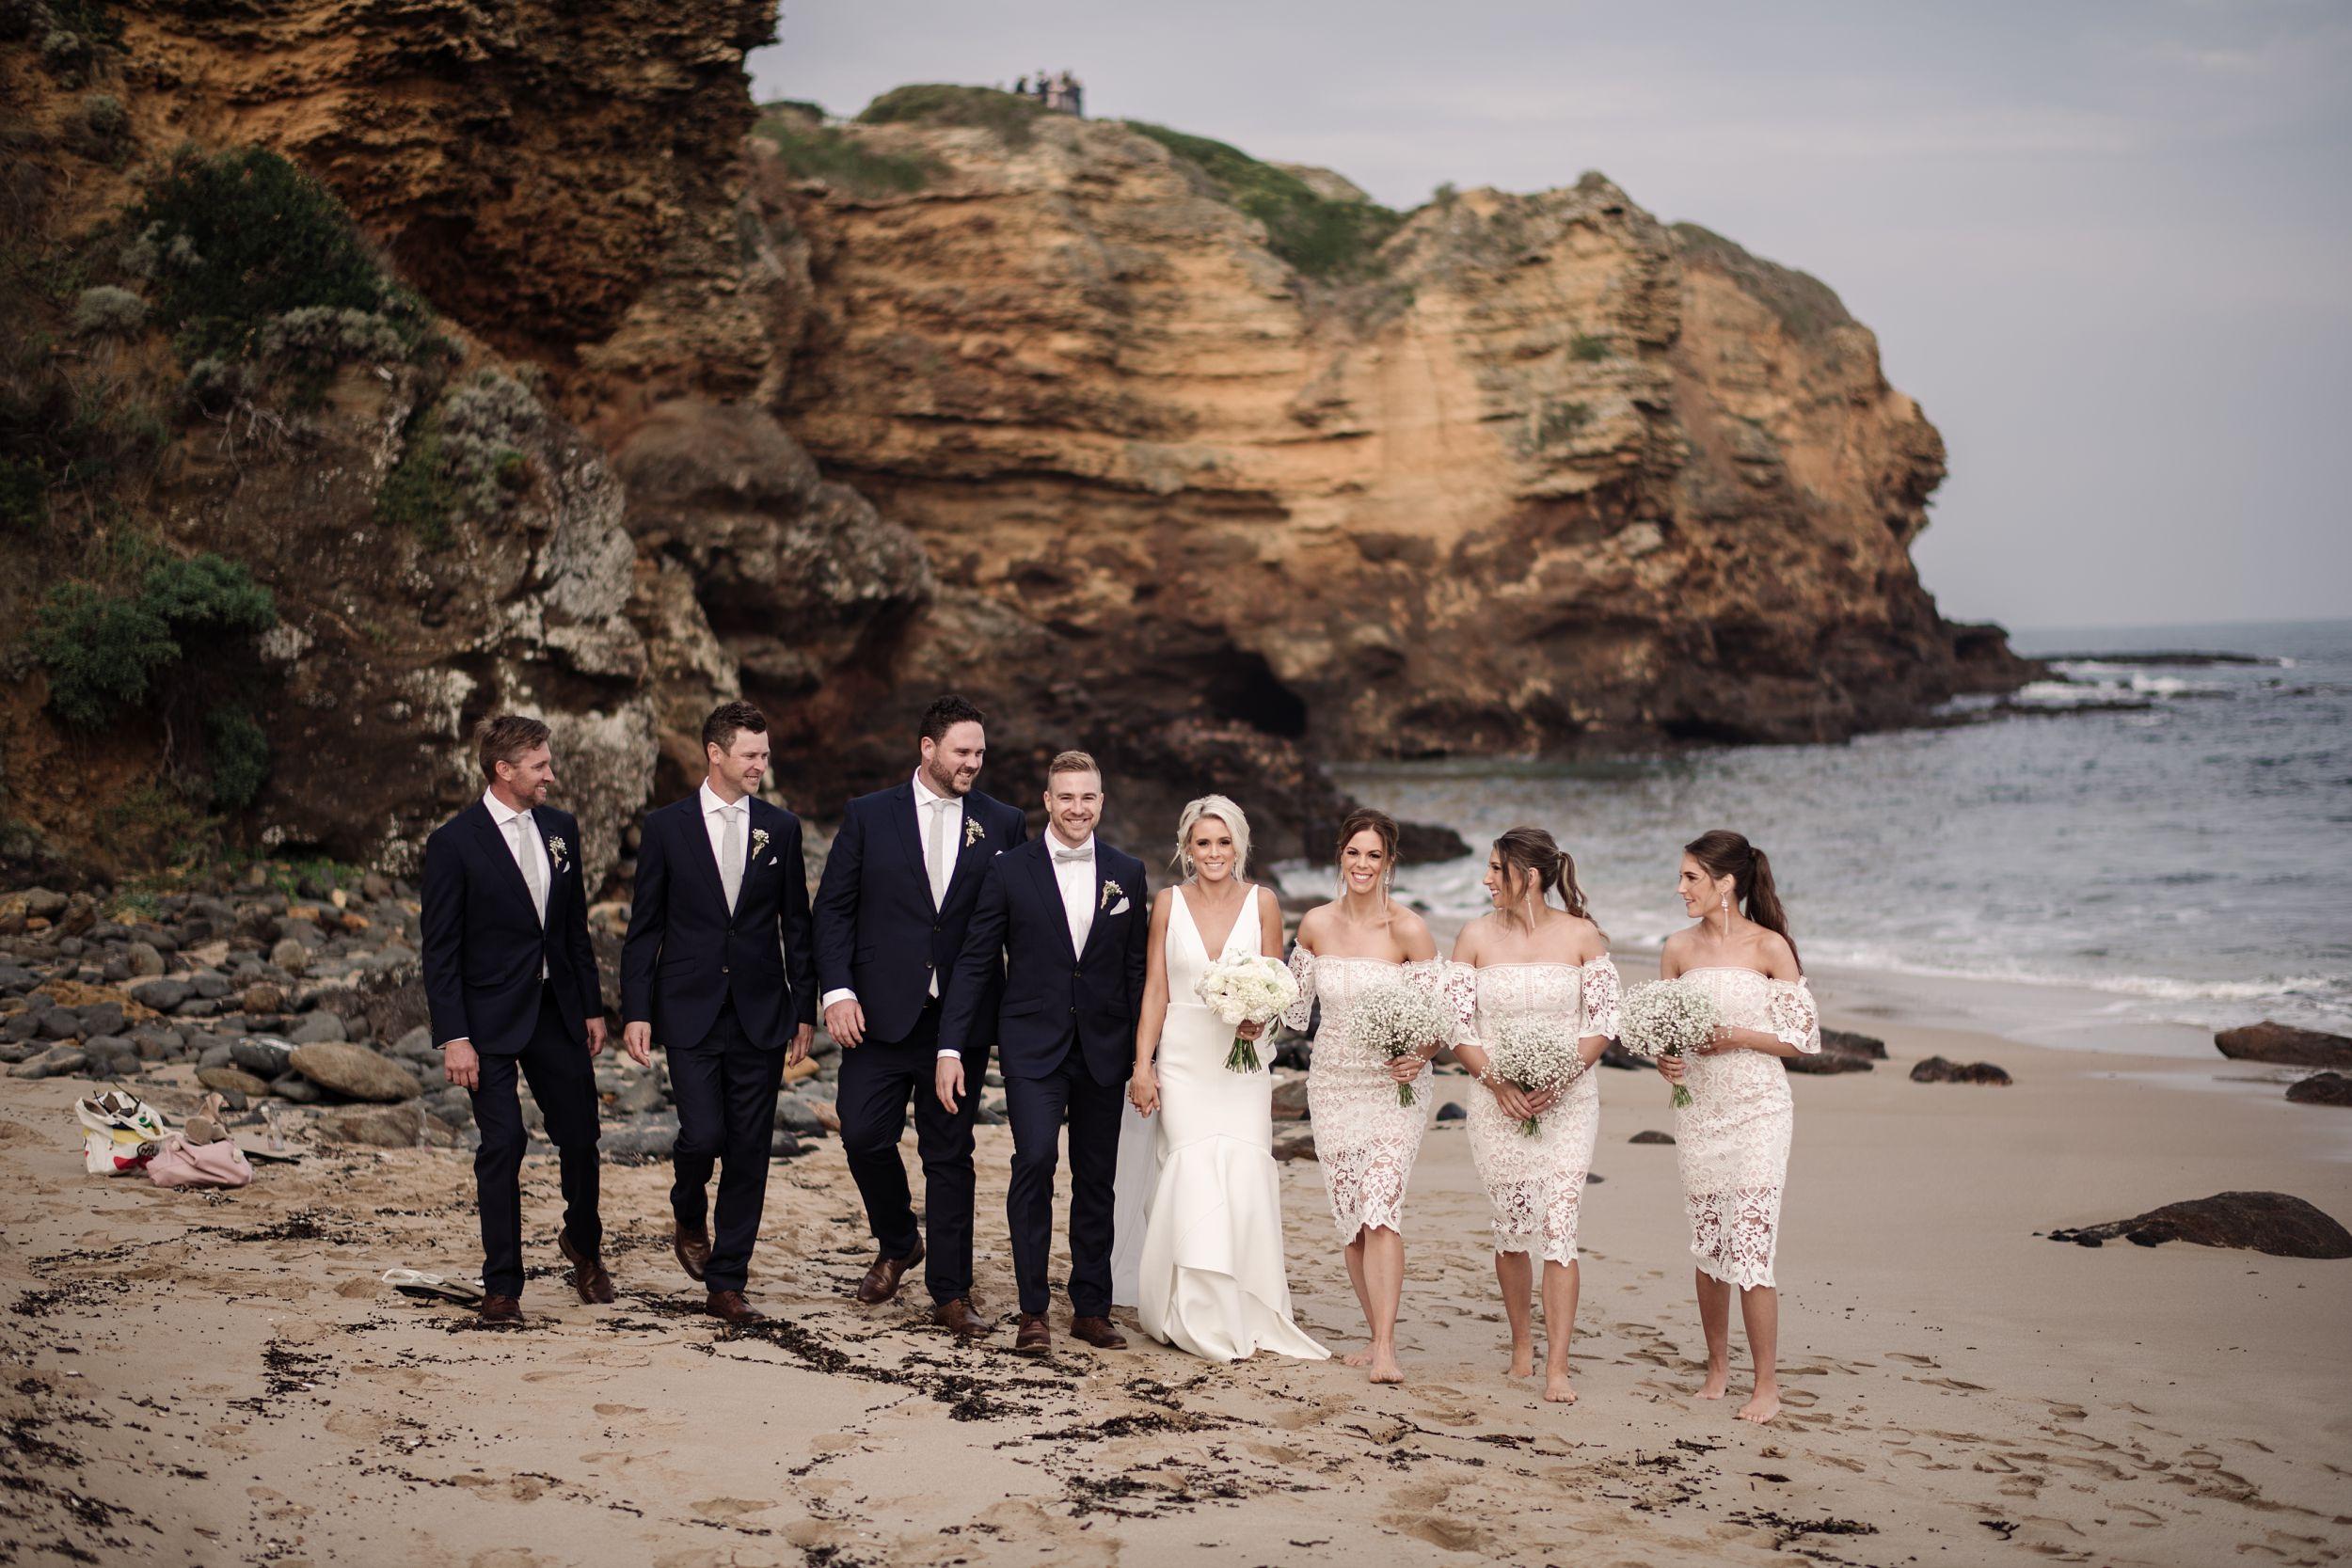 Fairhaven_wedding-Great-ocean-rd_0051.jpg